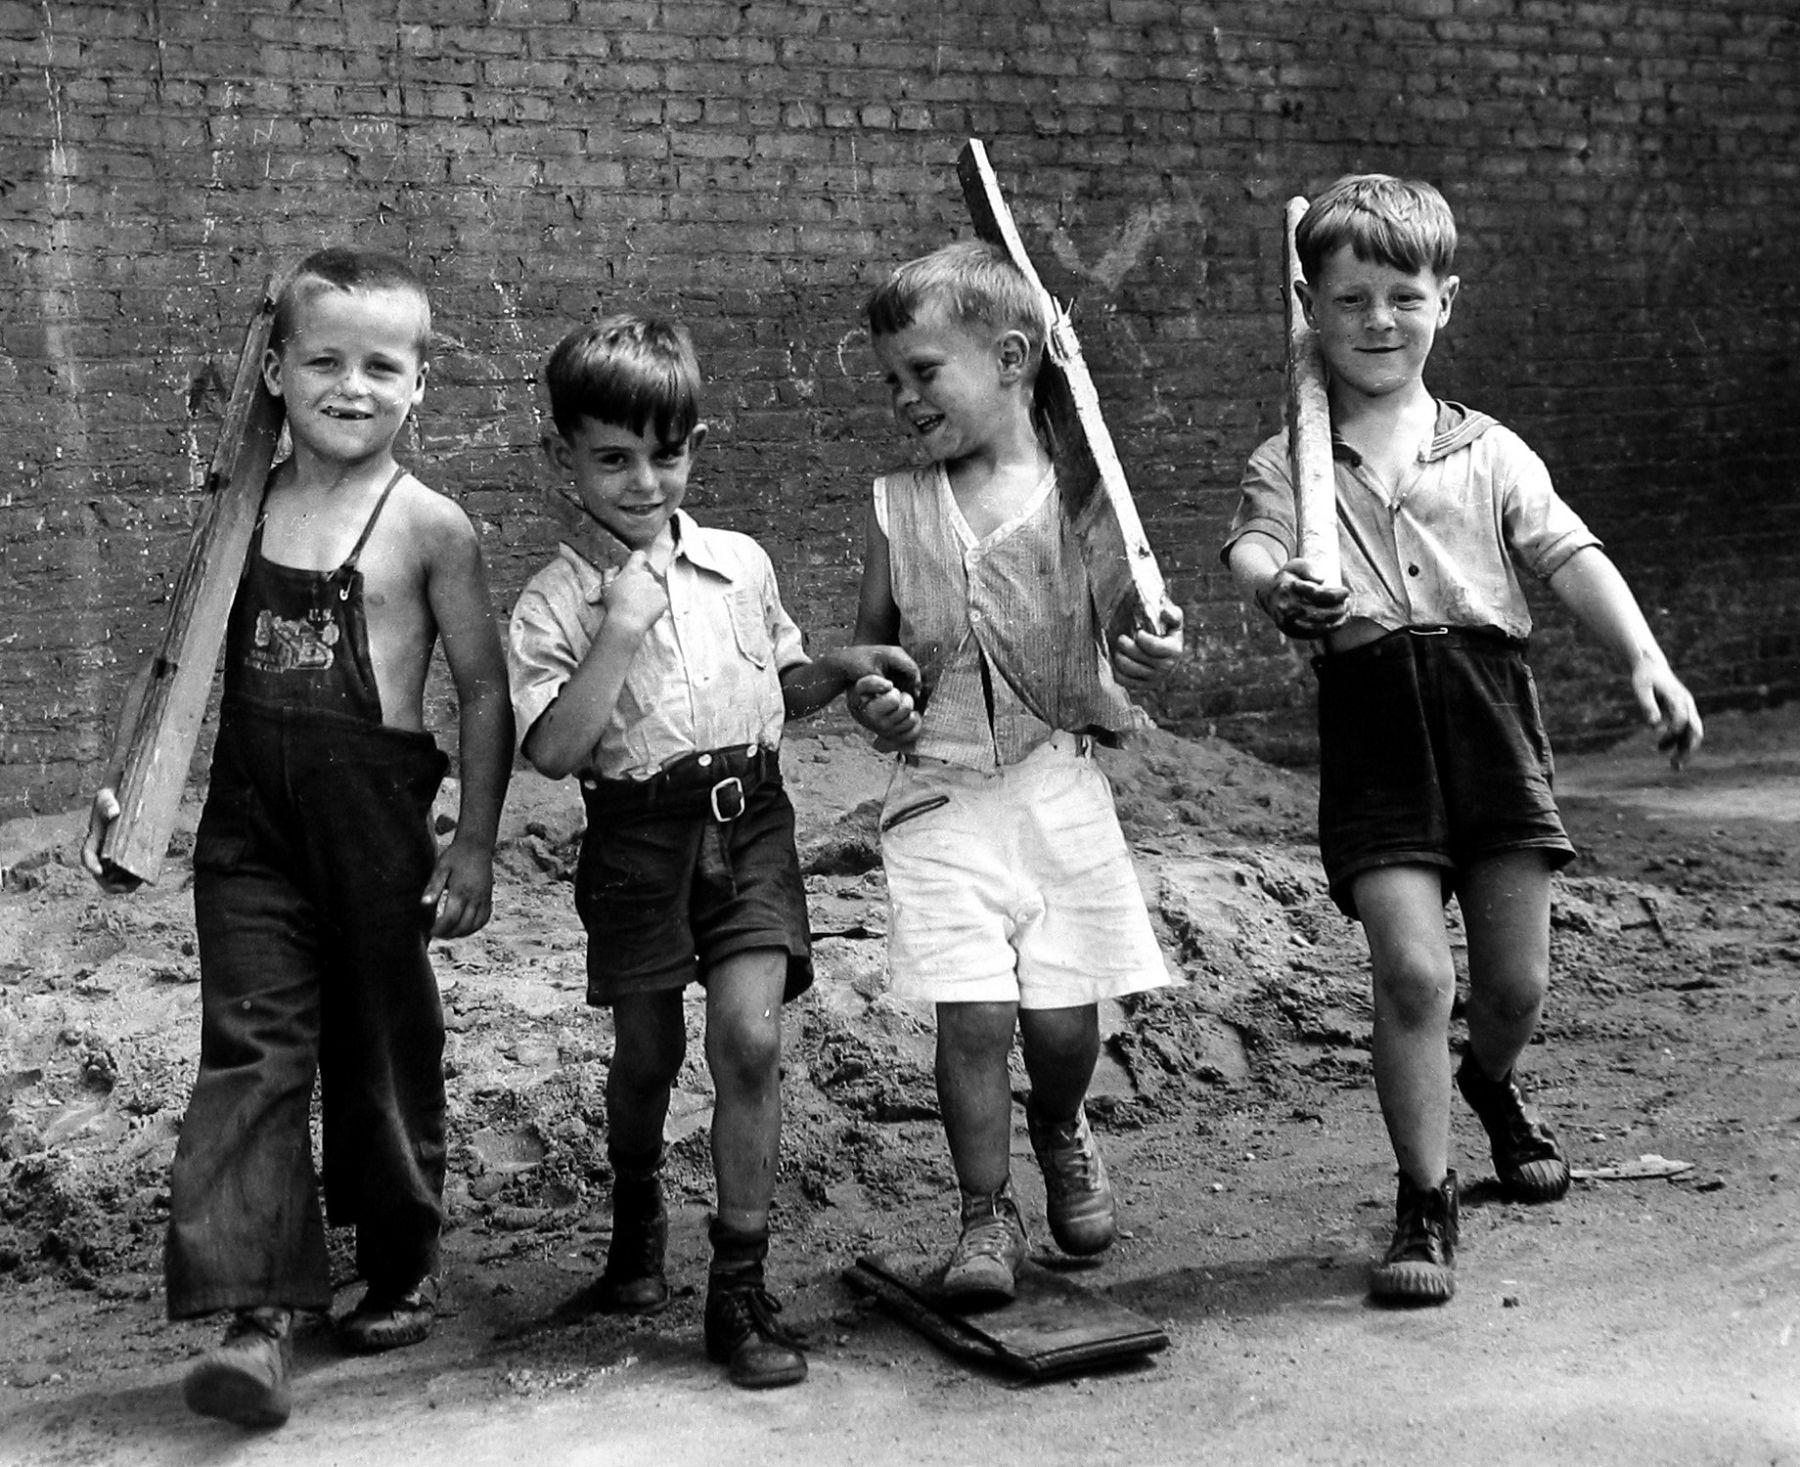 Arthur Leipzig - Marching Boys, 1943 - Howard Greenberg Gallery - 2018